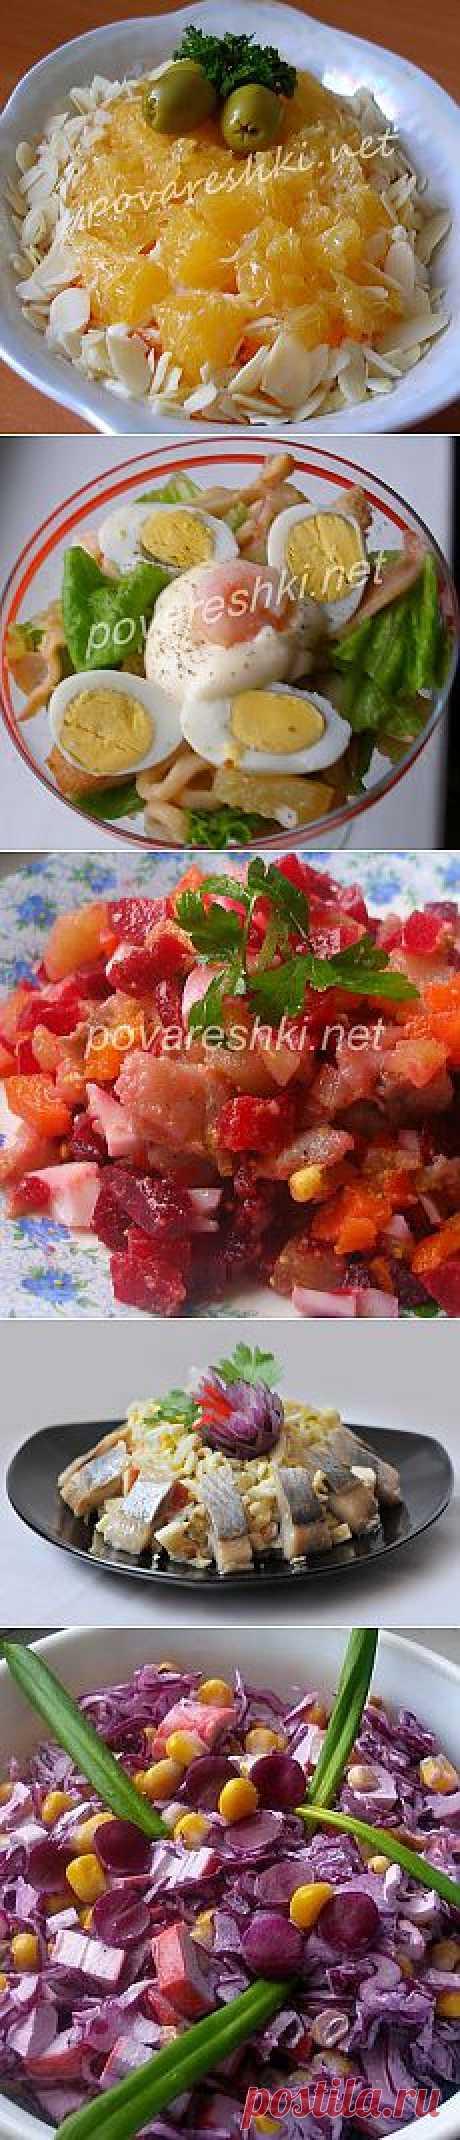 Поиск на Постиле: салаты с морепродуктами